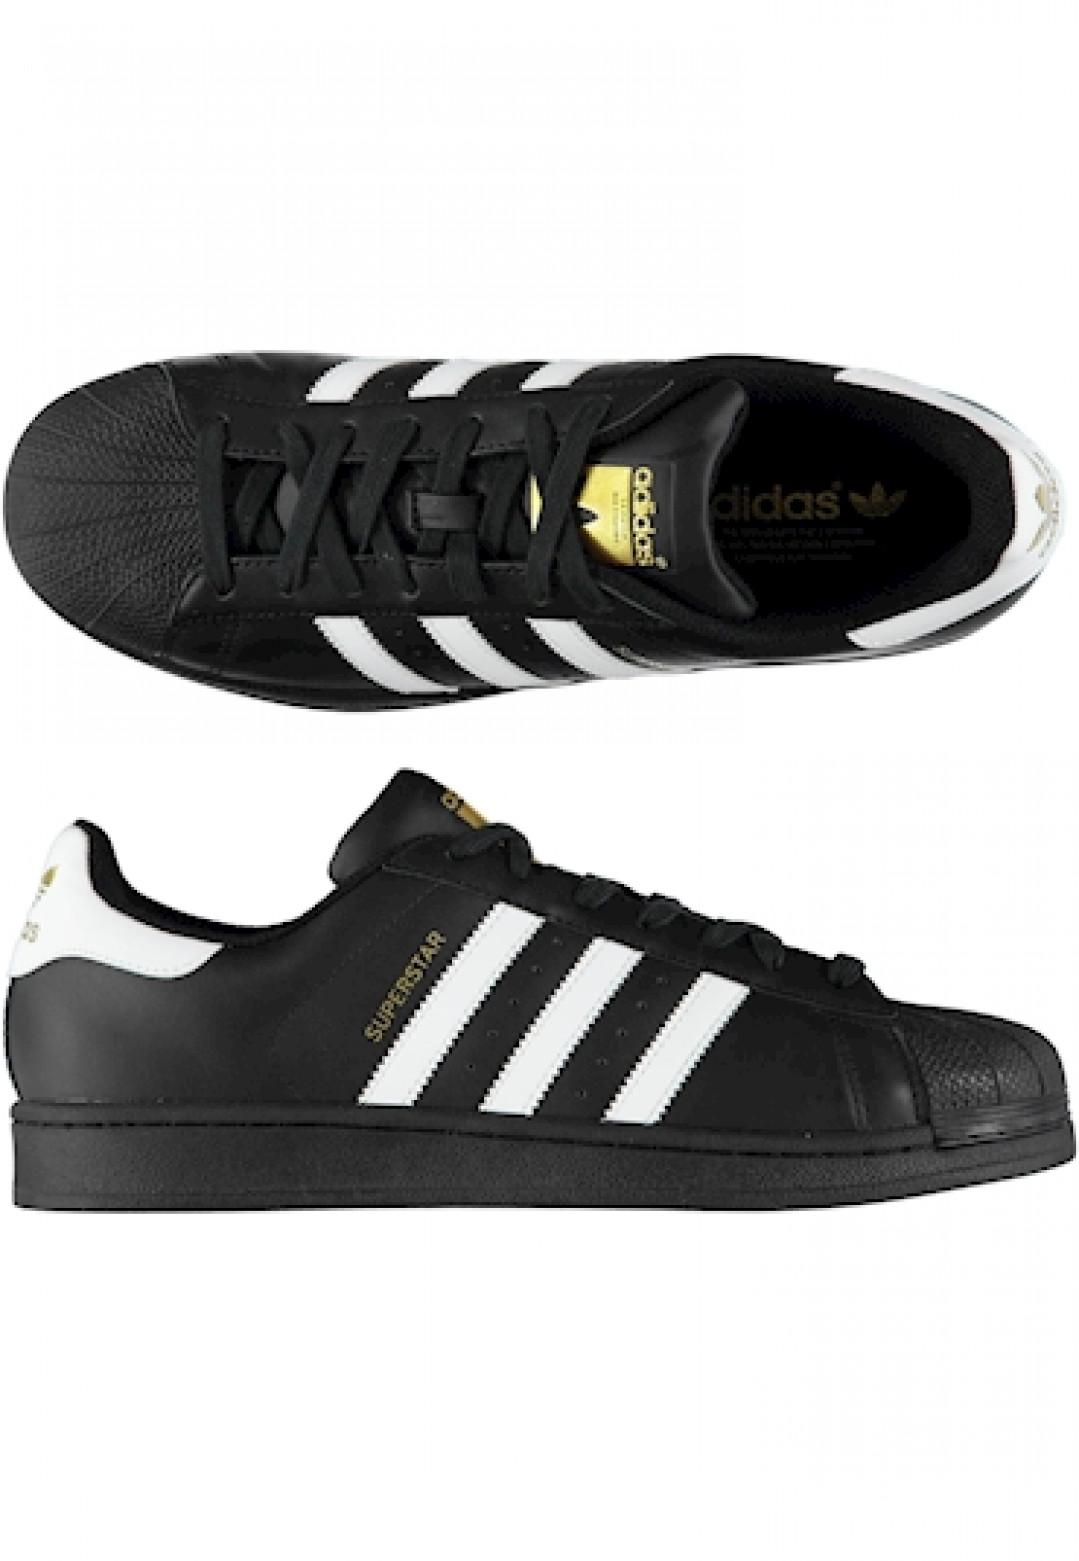 Adidas Superstar II : Giacche e Camicie Buoni Negozi Online